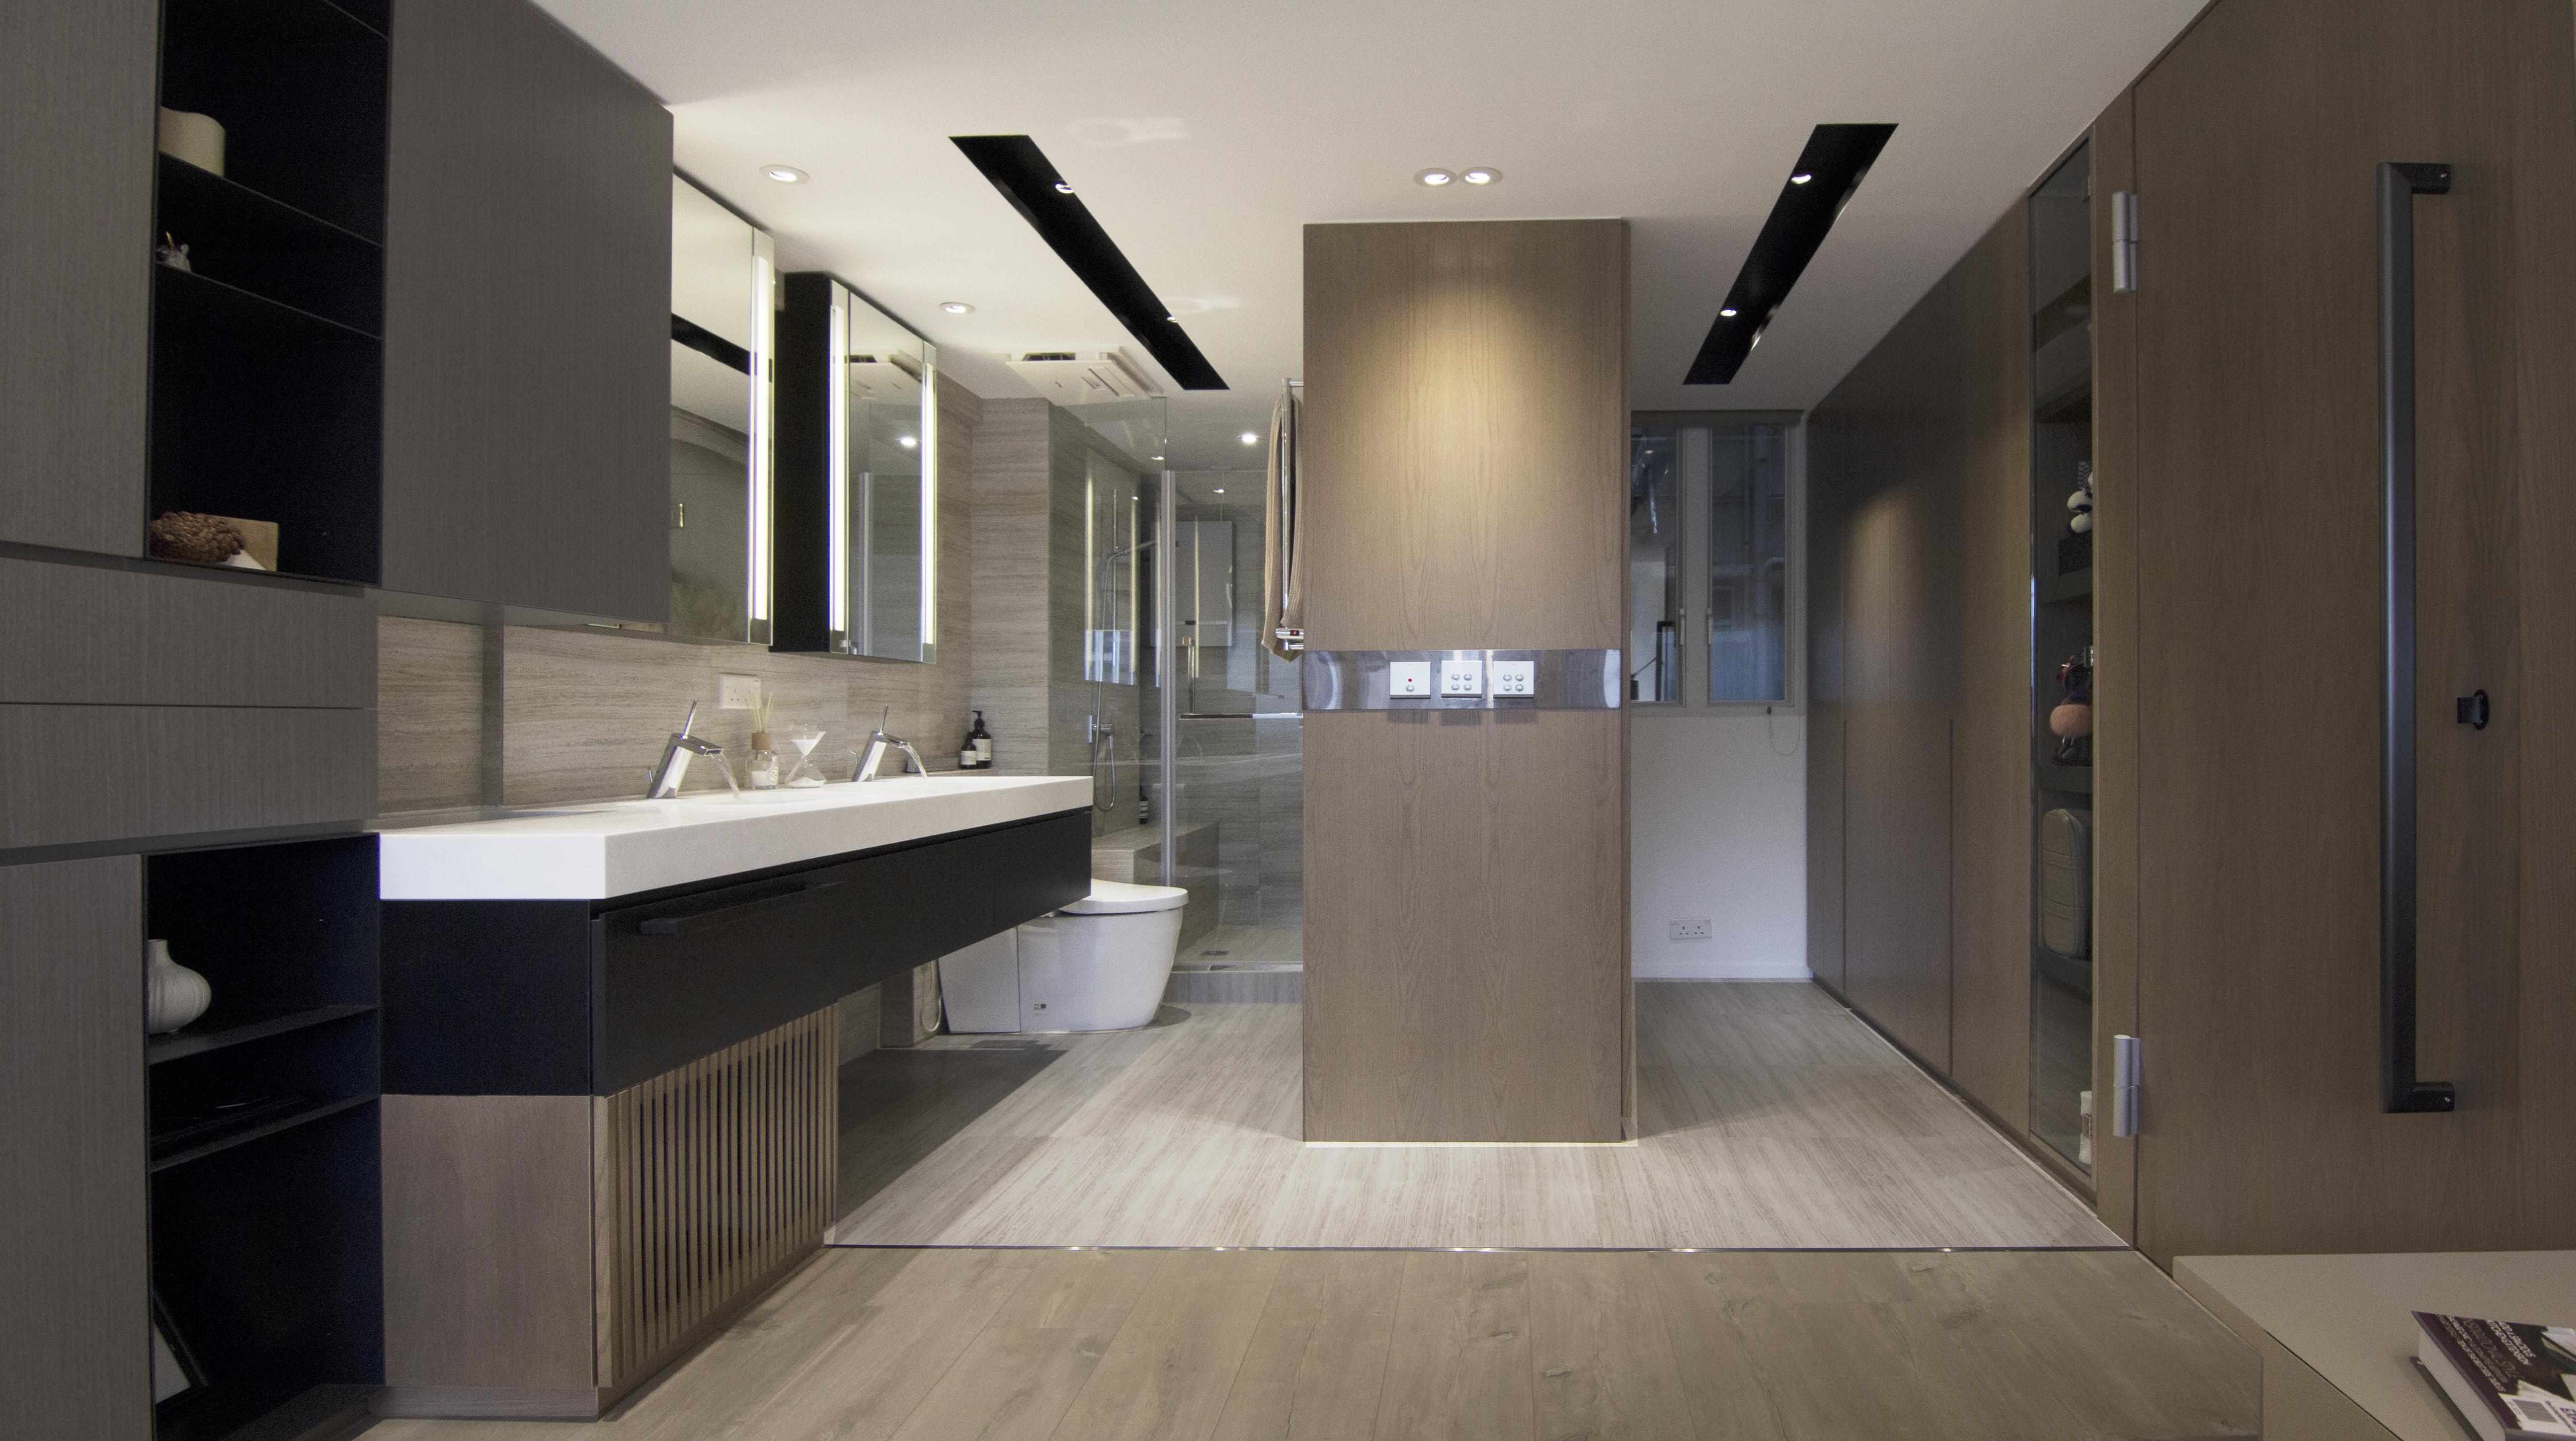 Bathroom & Closet